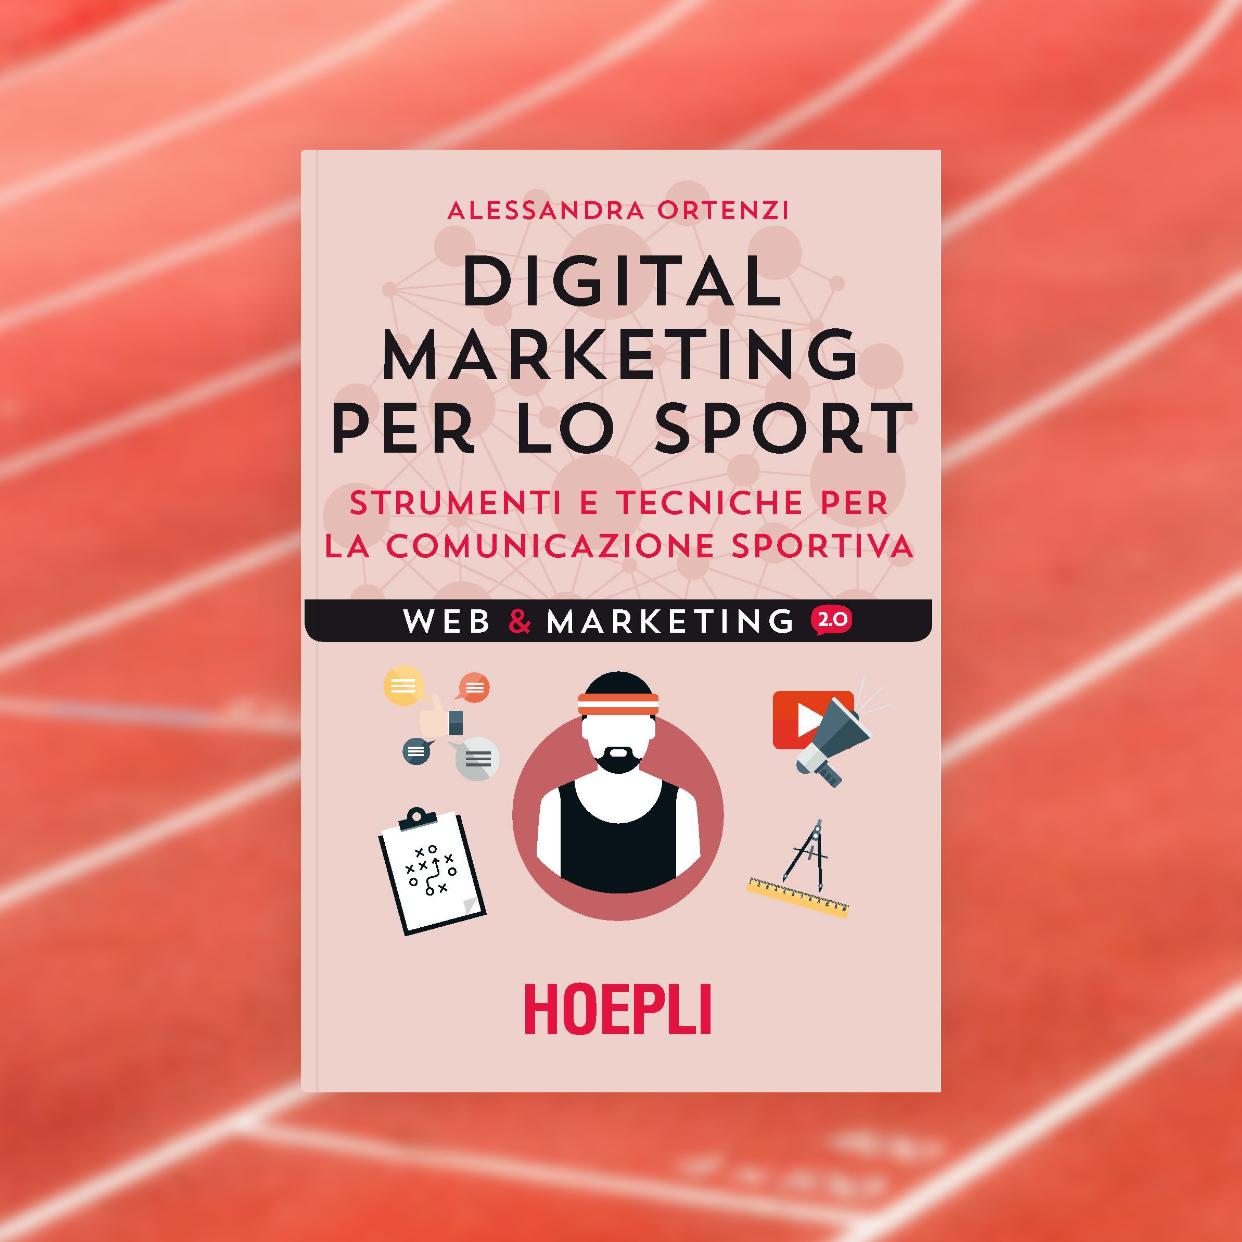 La grande riorganizzazione digitale dello sport